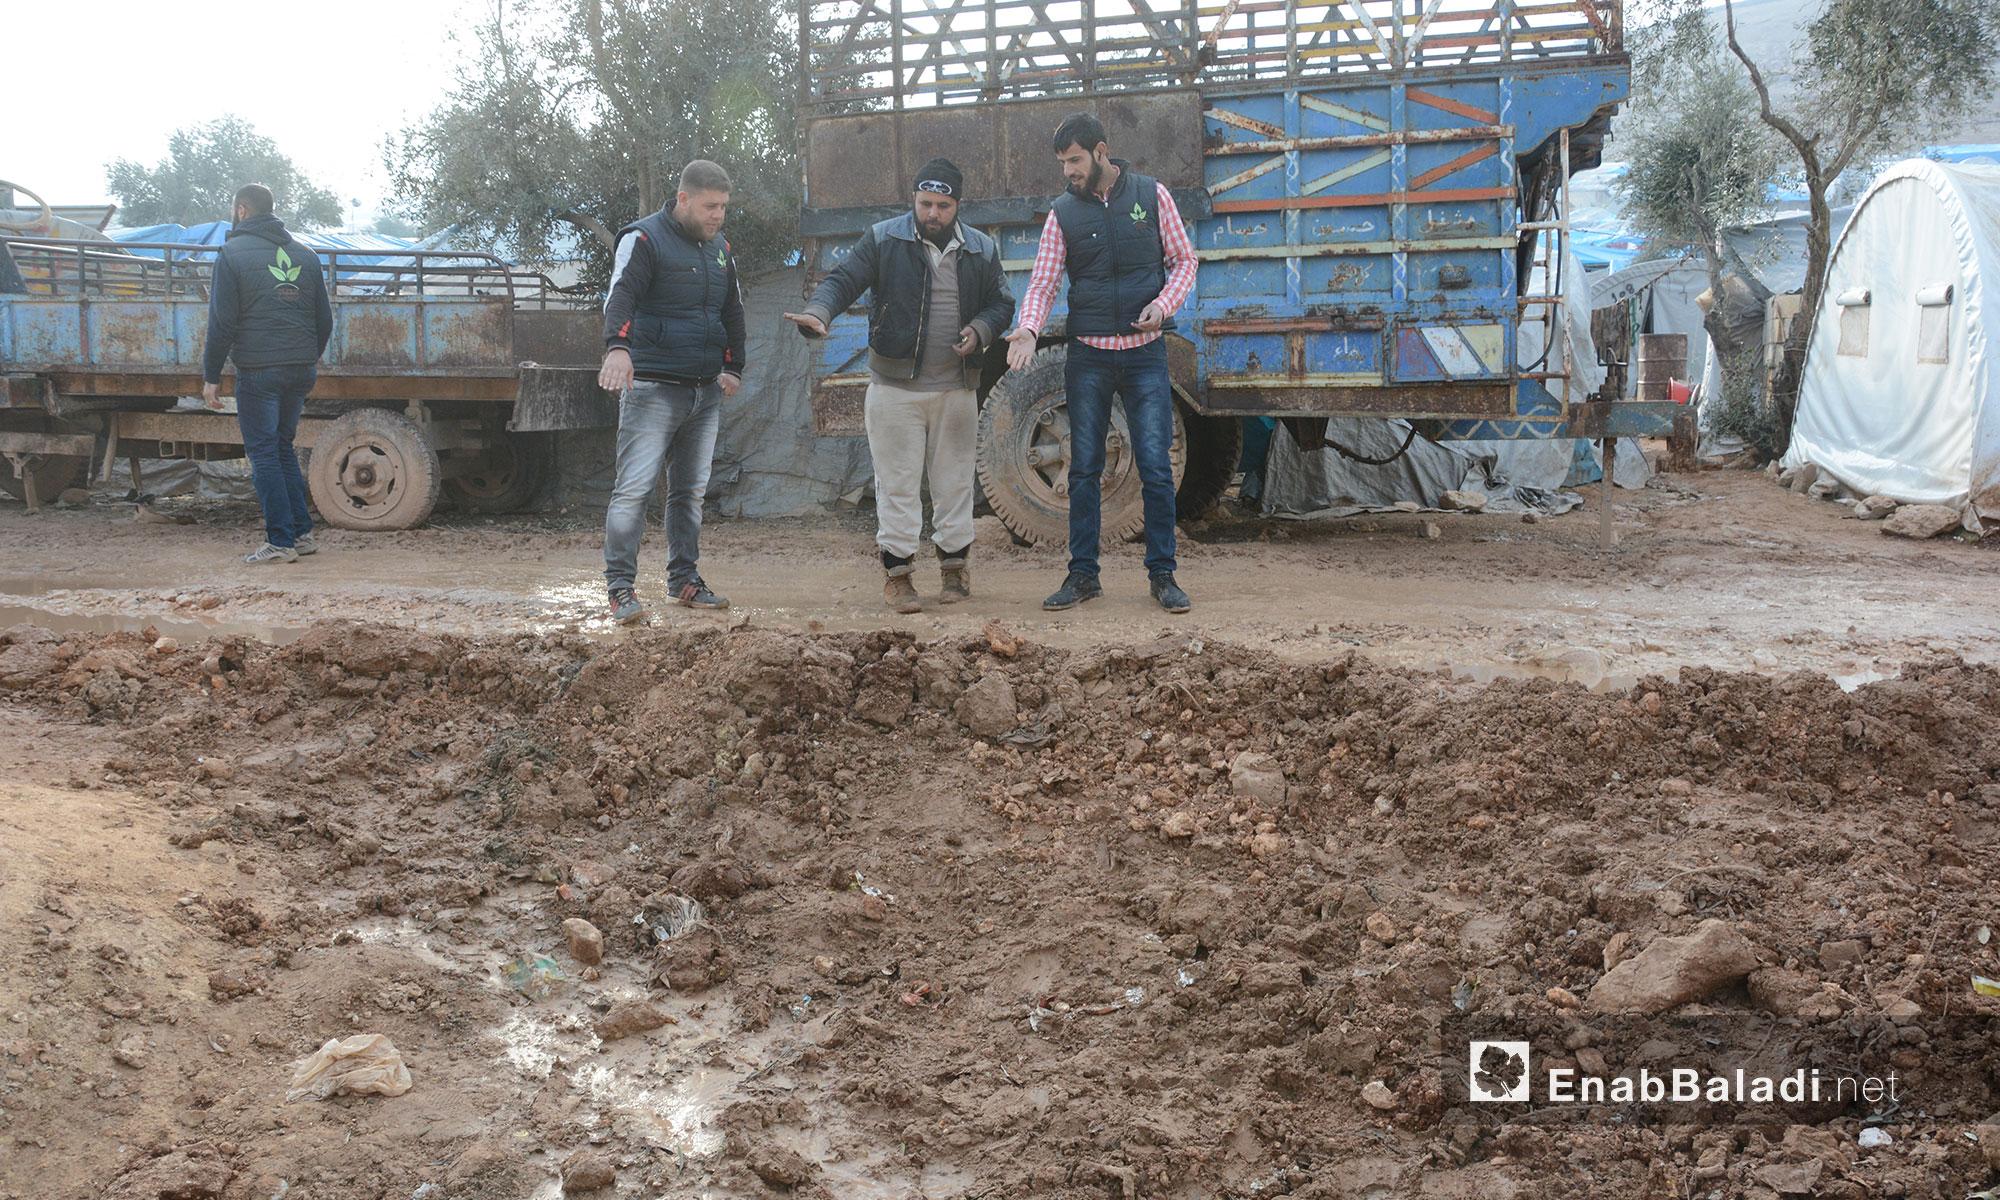 طريق وعر مليء بالحفر يخدّم مخيمات النازحين في ريف إدلب - 10 شباط 2017 (عنب بلدي)